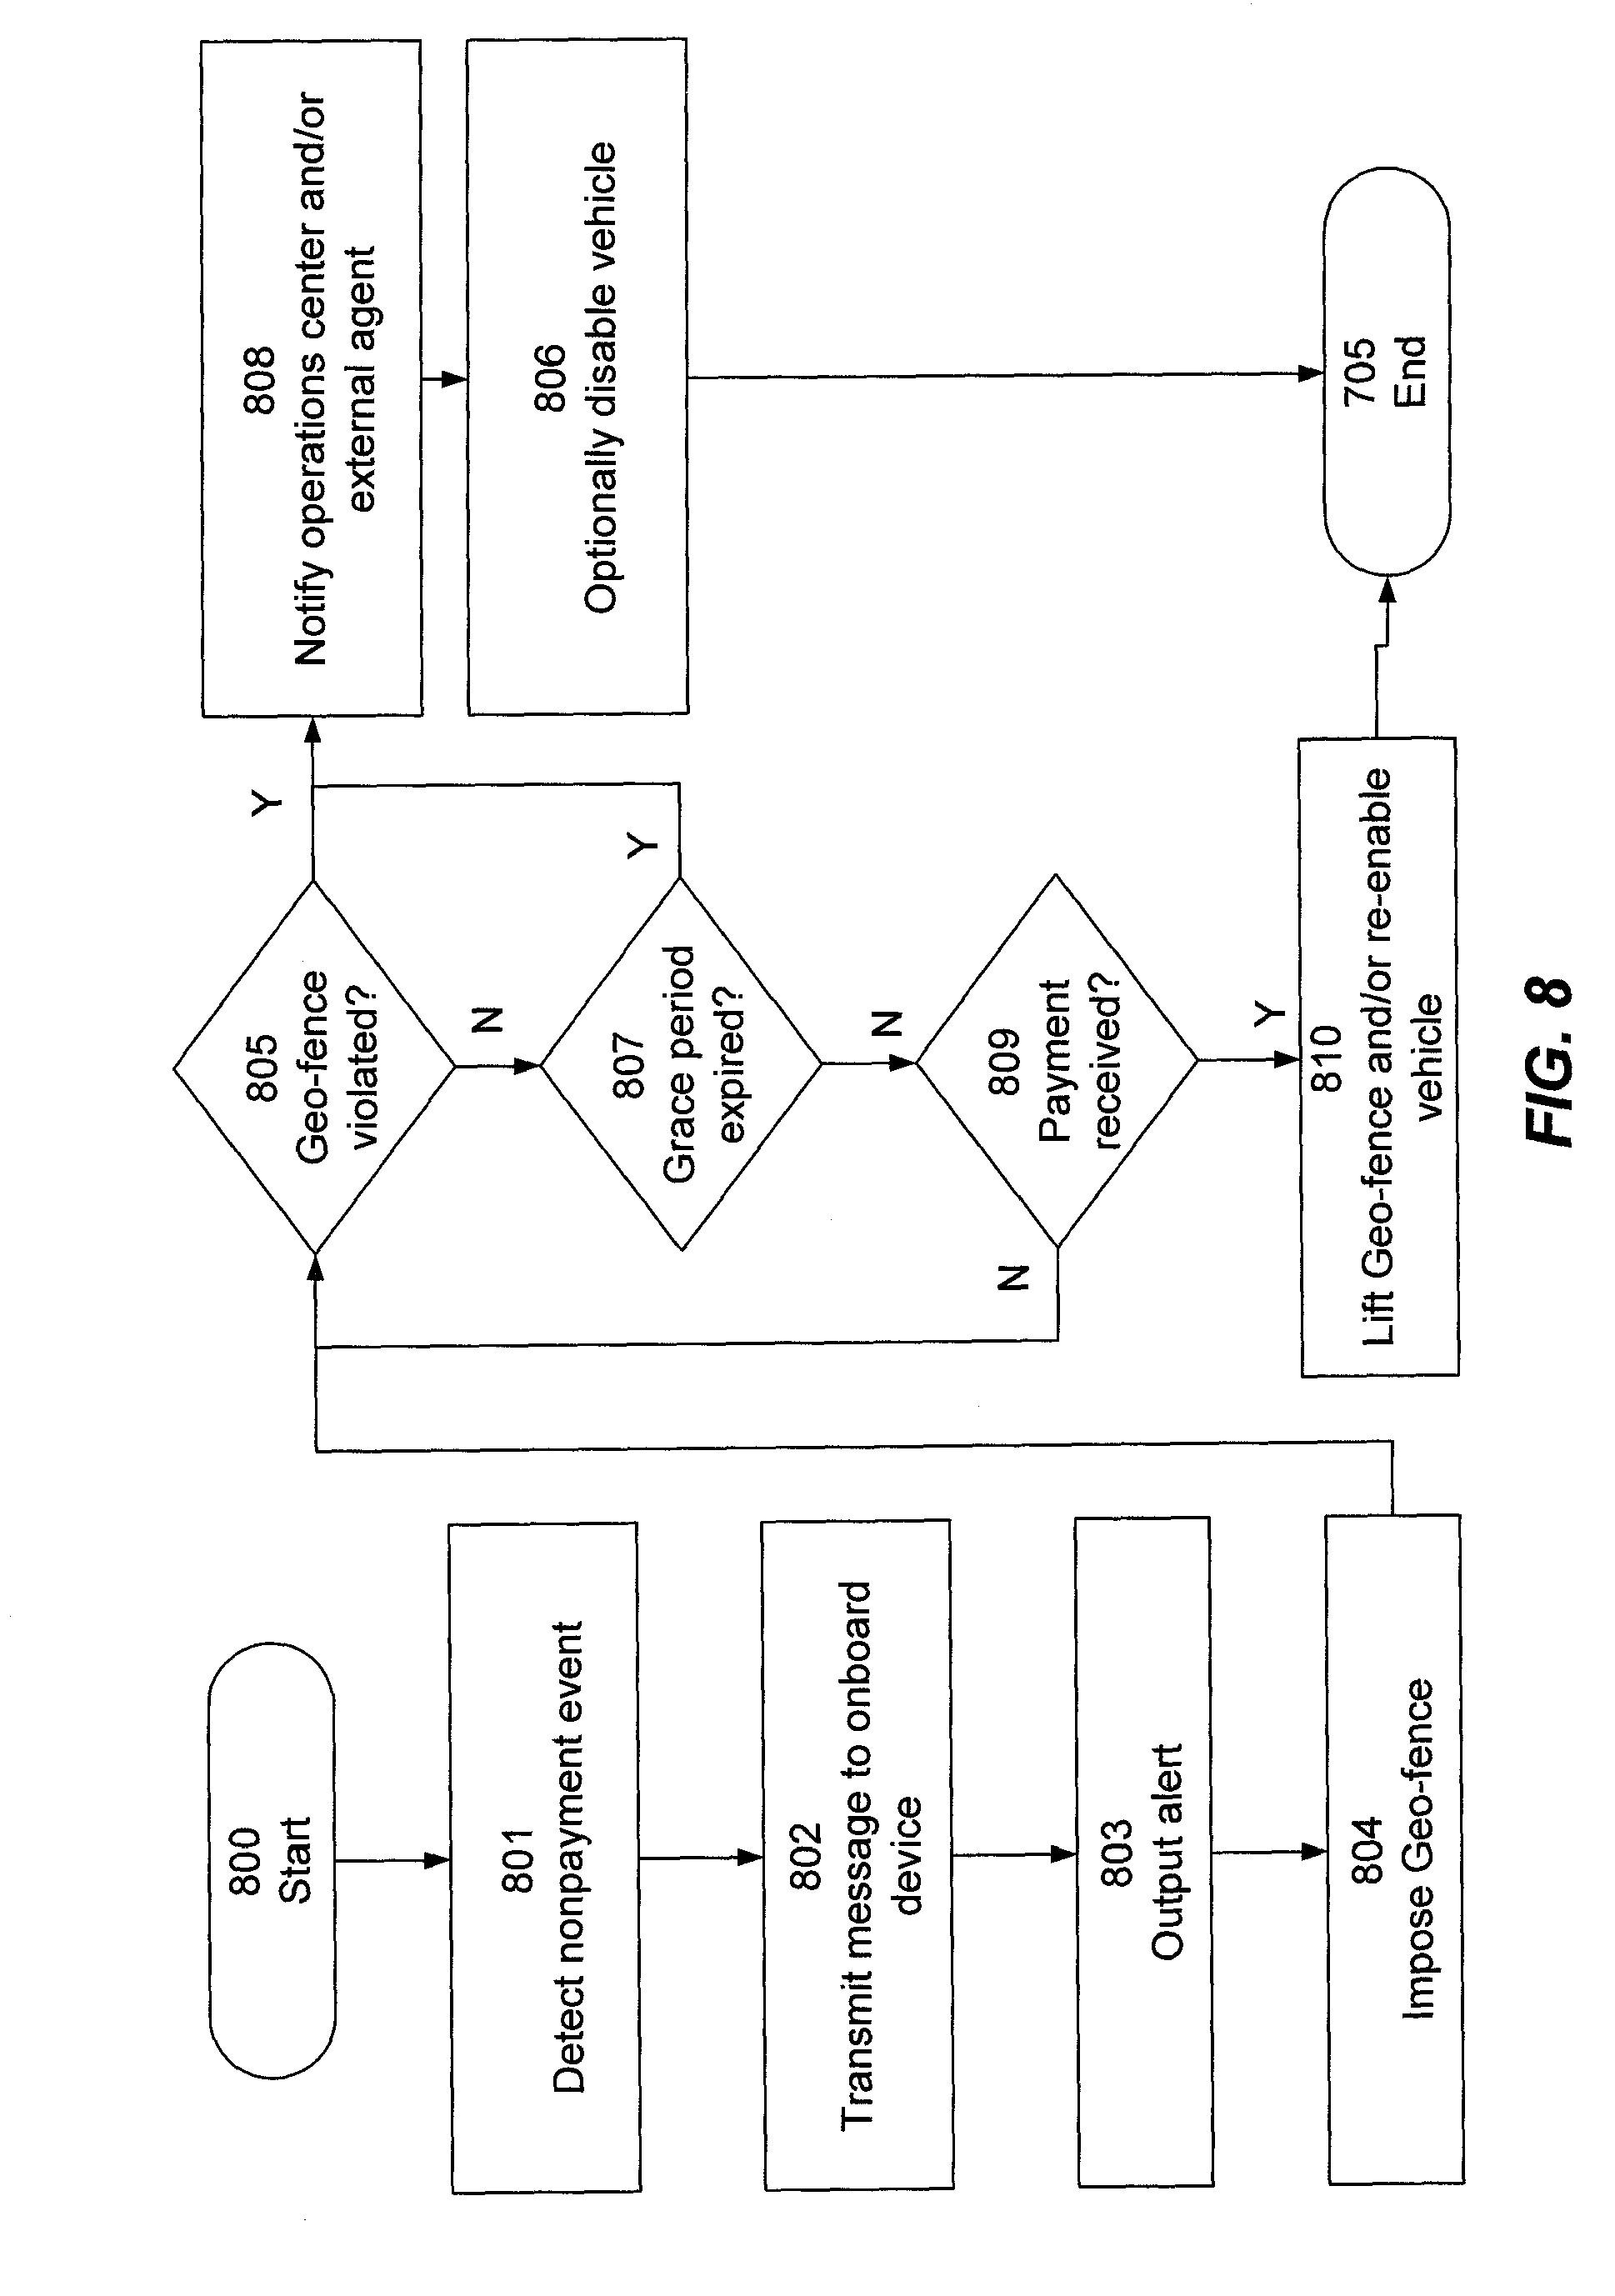 Passtime Gps Wiring Diagram